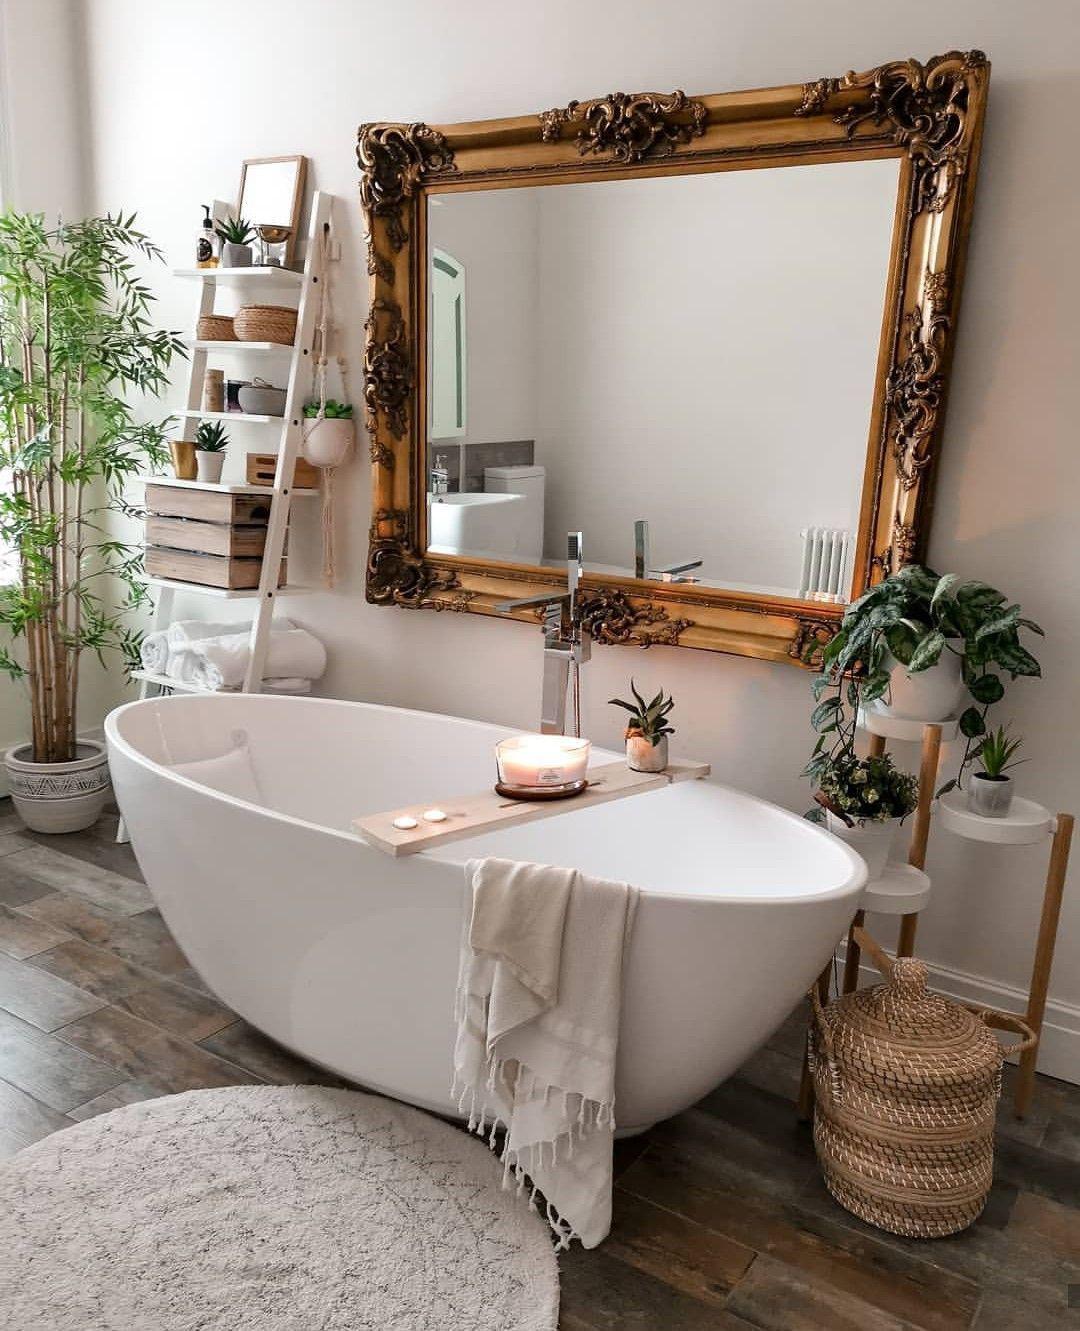 Die Grosse Kunst Das Haus Mit Spiegeln Zu Zeigen Dekorationstipps Trends 2020 Goruntuler Ile Rustik Banyolar Banyo Ic Dekorasyonu Ev Dekoru Aksesuarlari